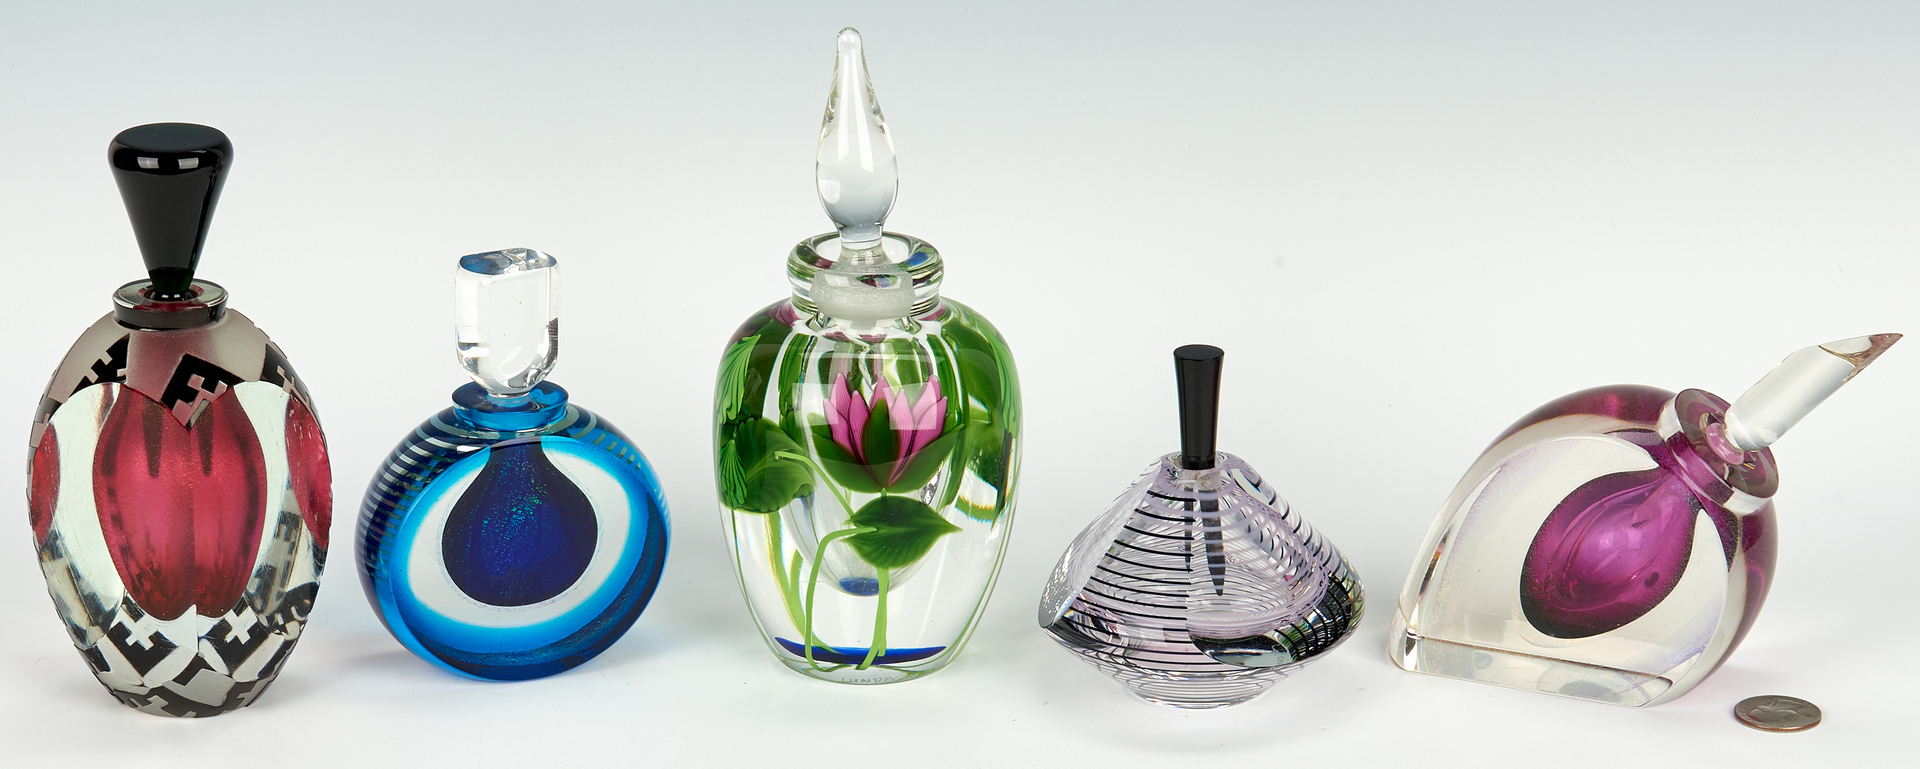 Lot 484: 5 Art Glass Perfume Bottles